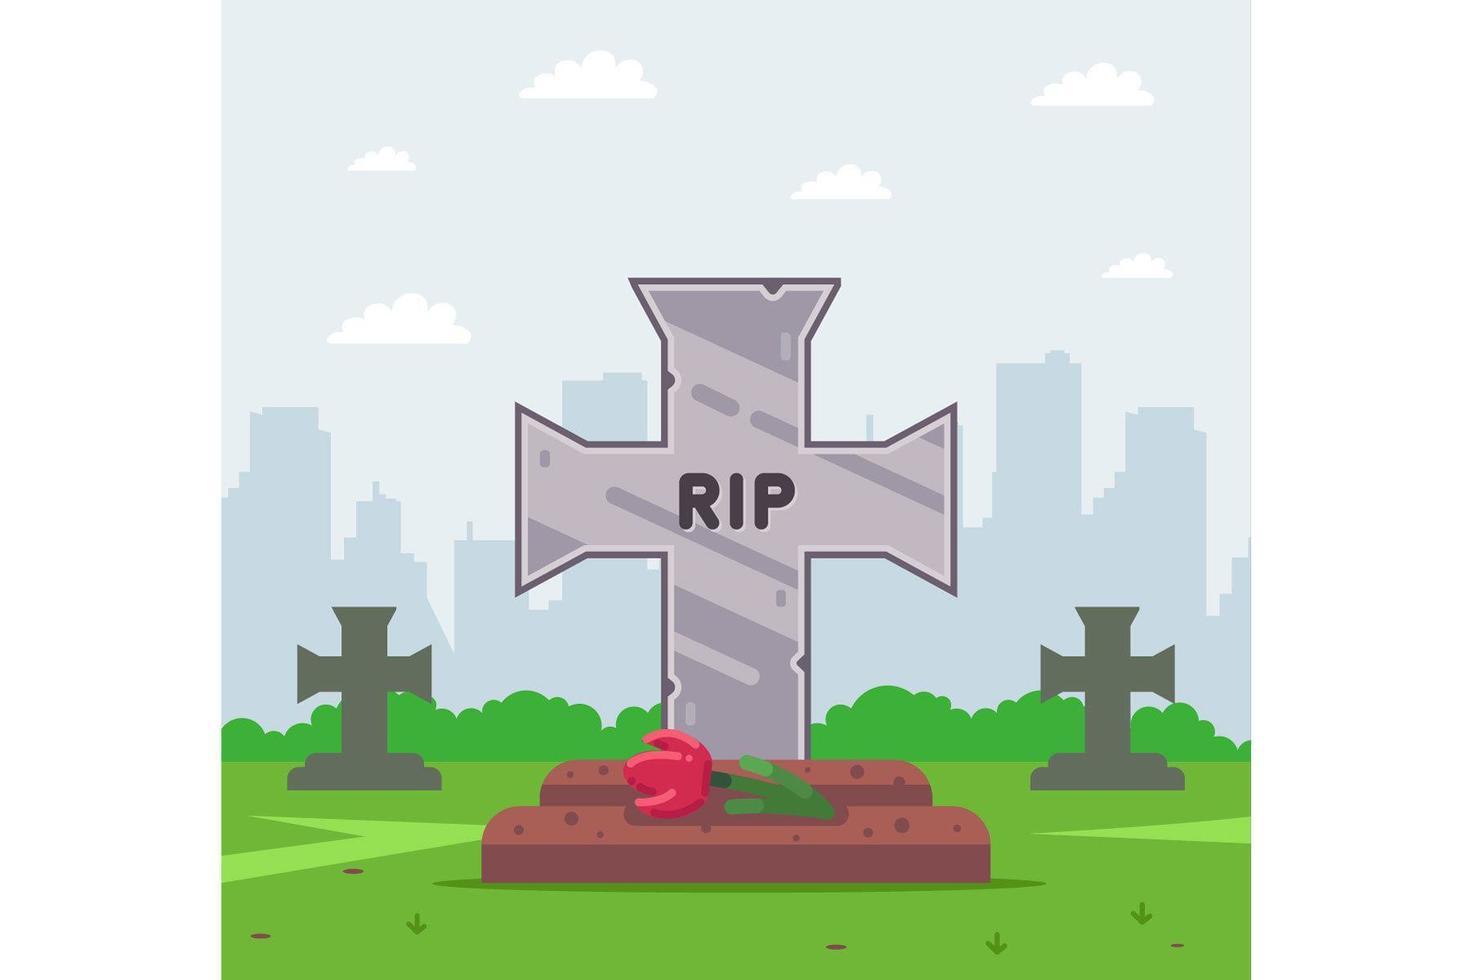 Friedhofsgrabkreuz vektor